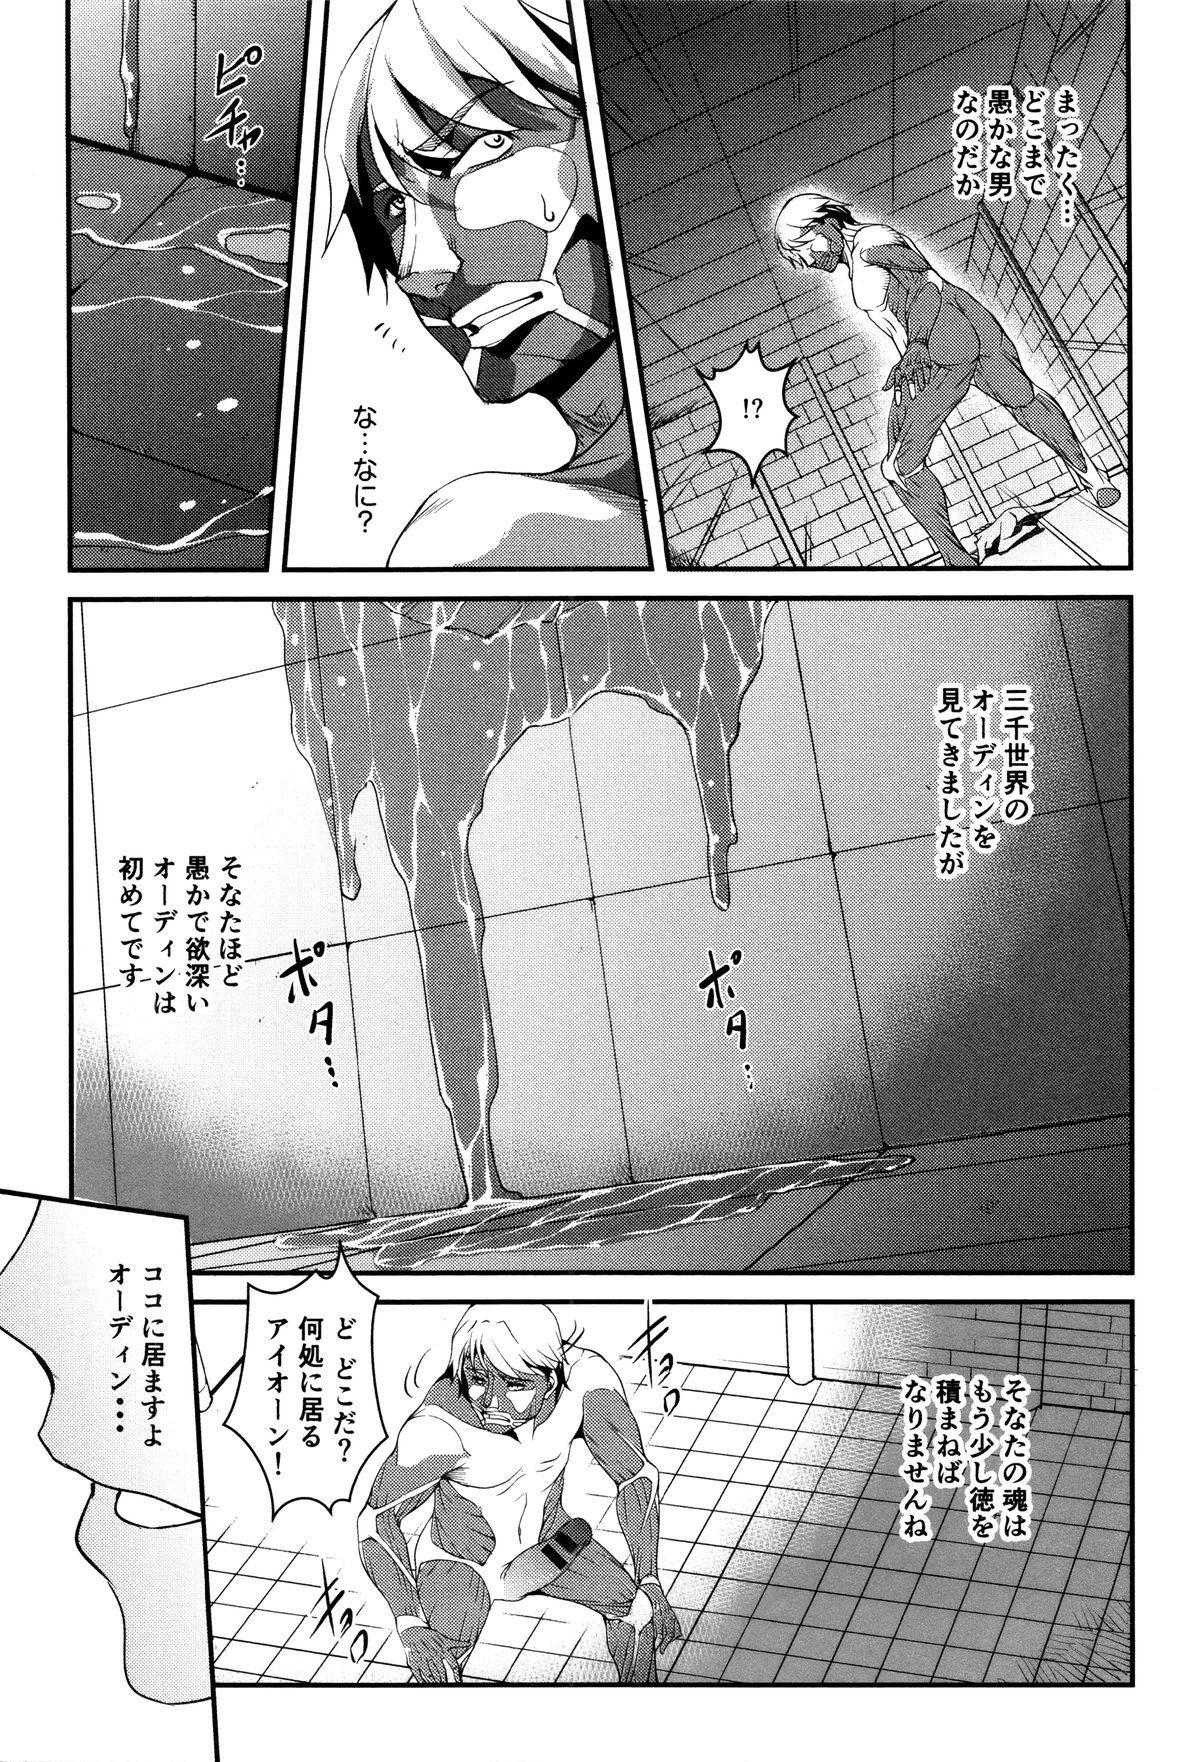 Shikyuu Yuugi 183